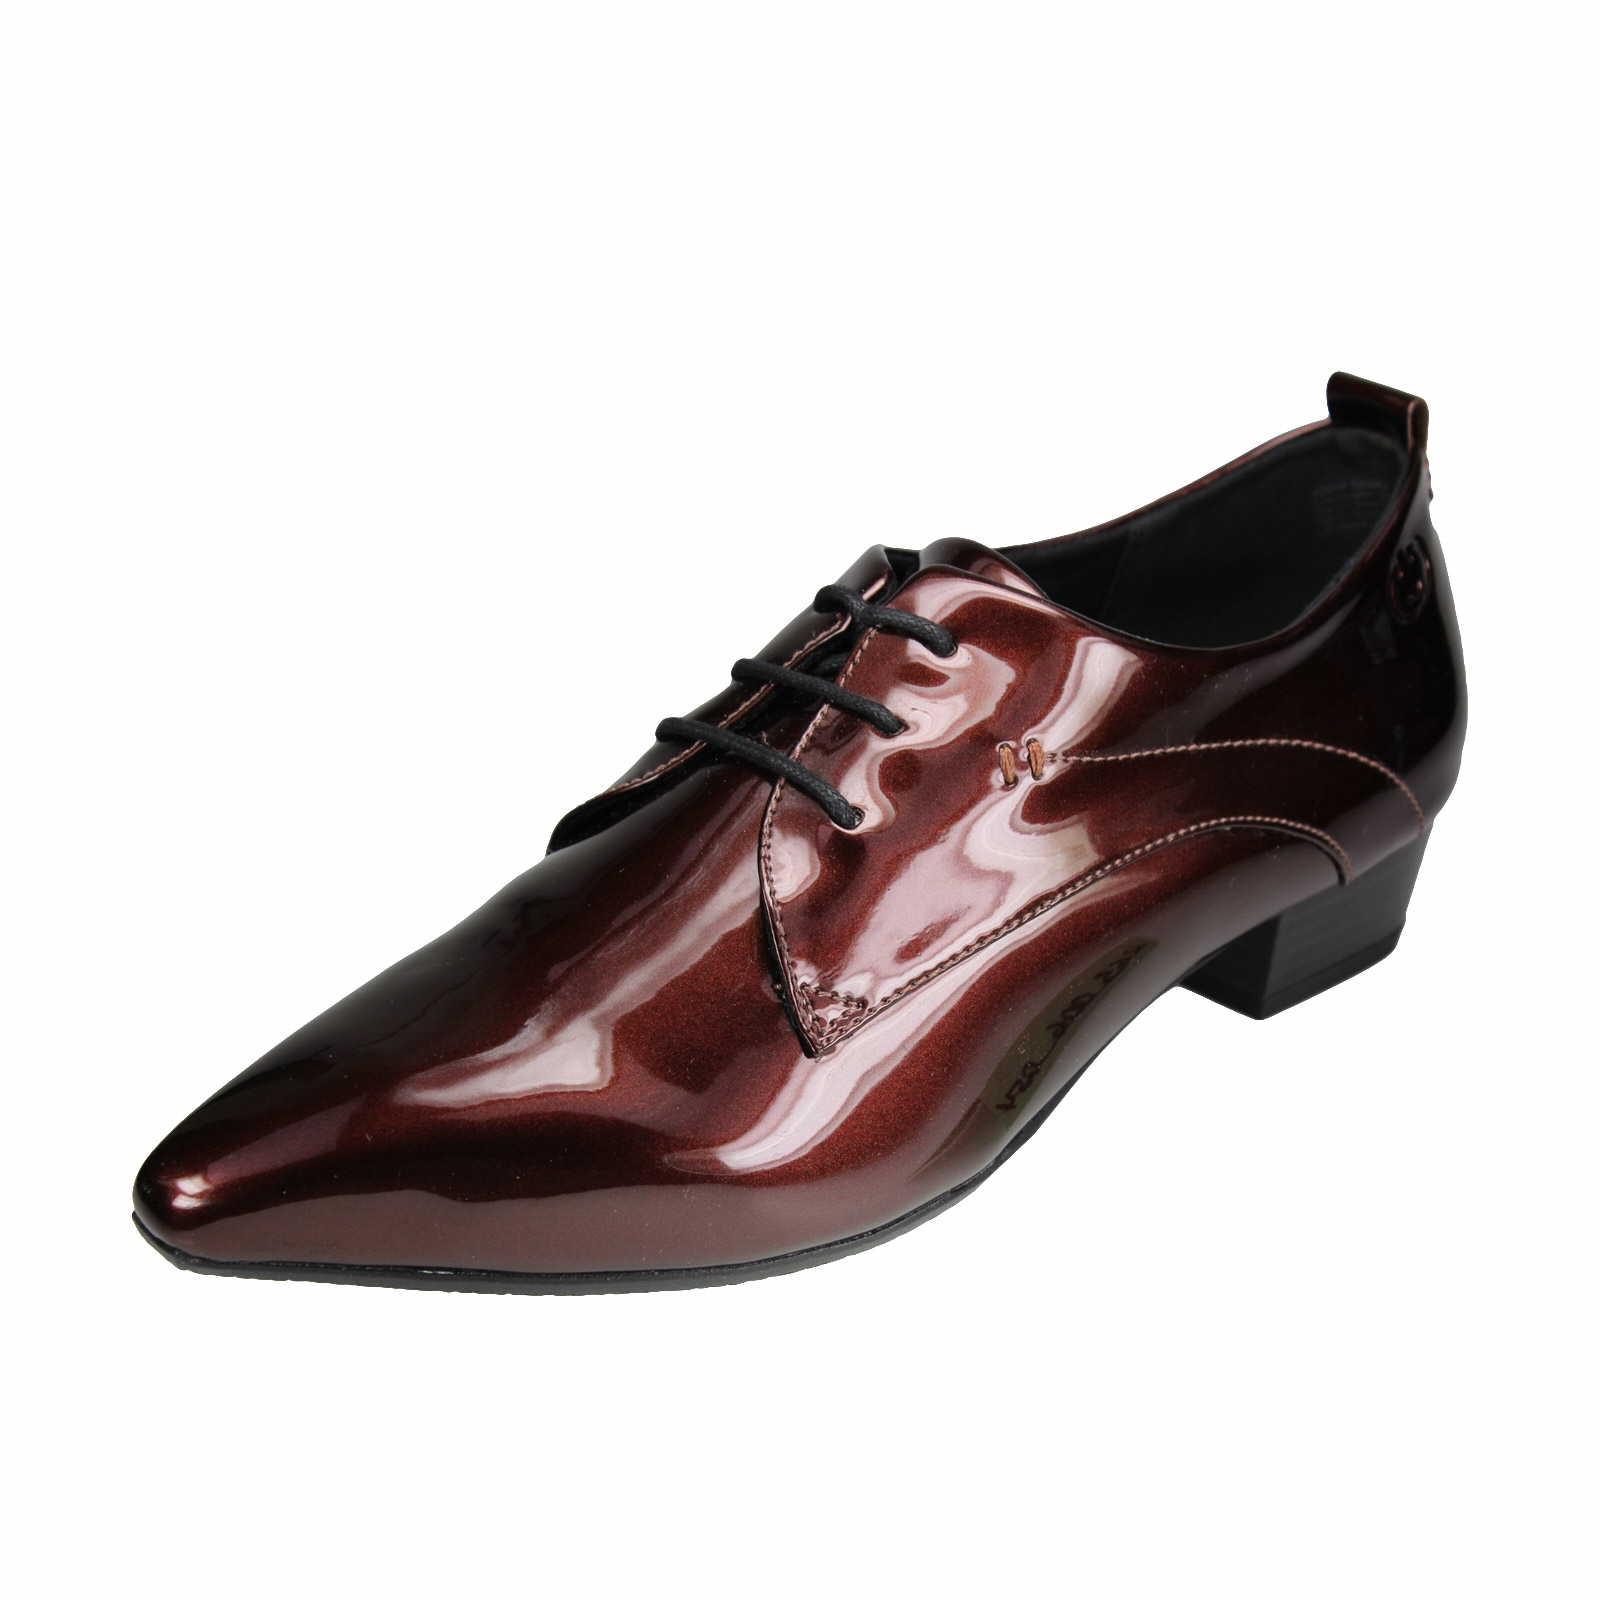 gerry weber shoes braun nora 02 schuhparadies online shop schuhe einfach sch ner shoppen. Black Bedroom Furniture Sets. Home Design Ideas